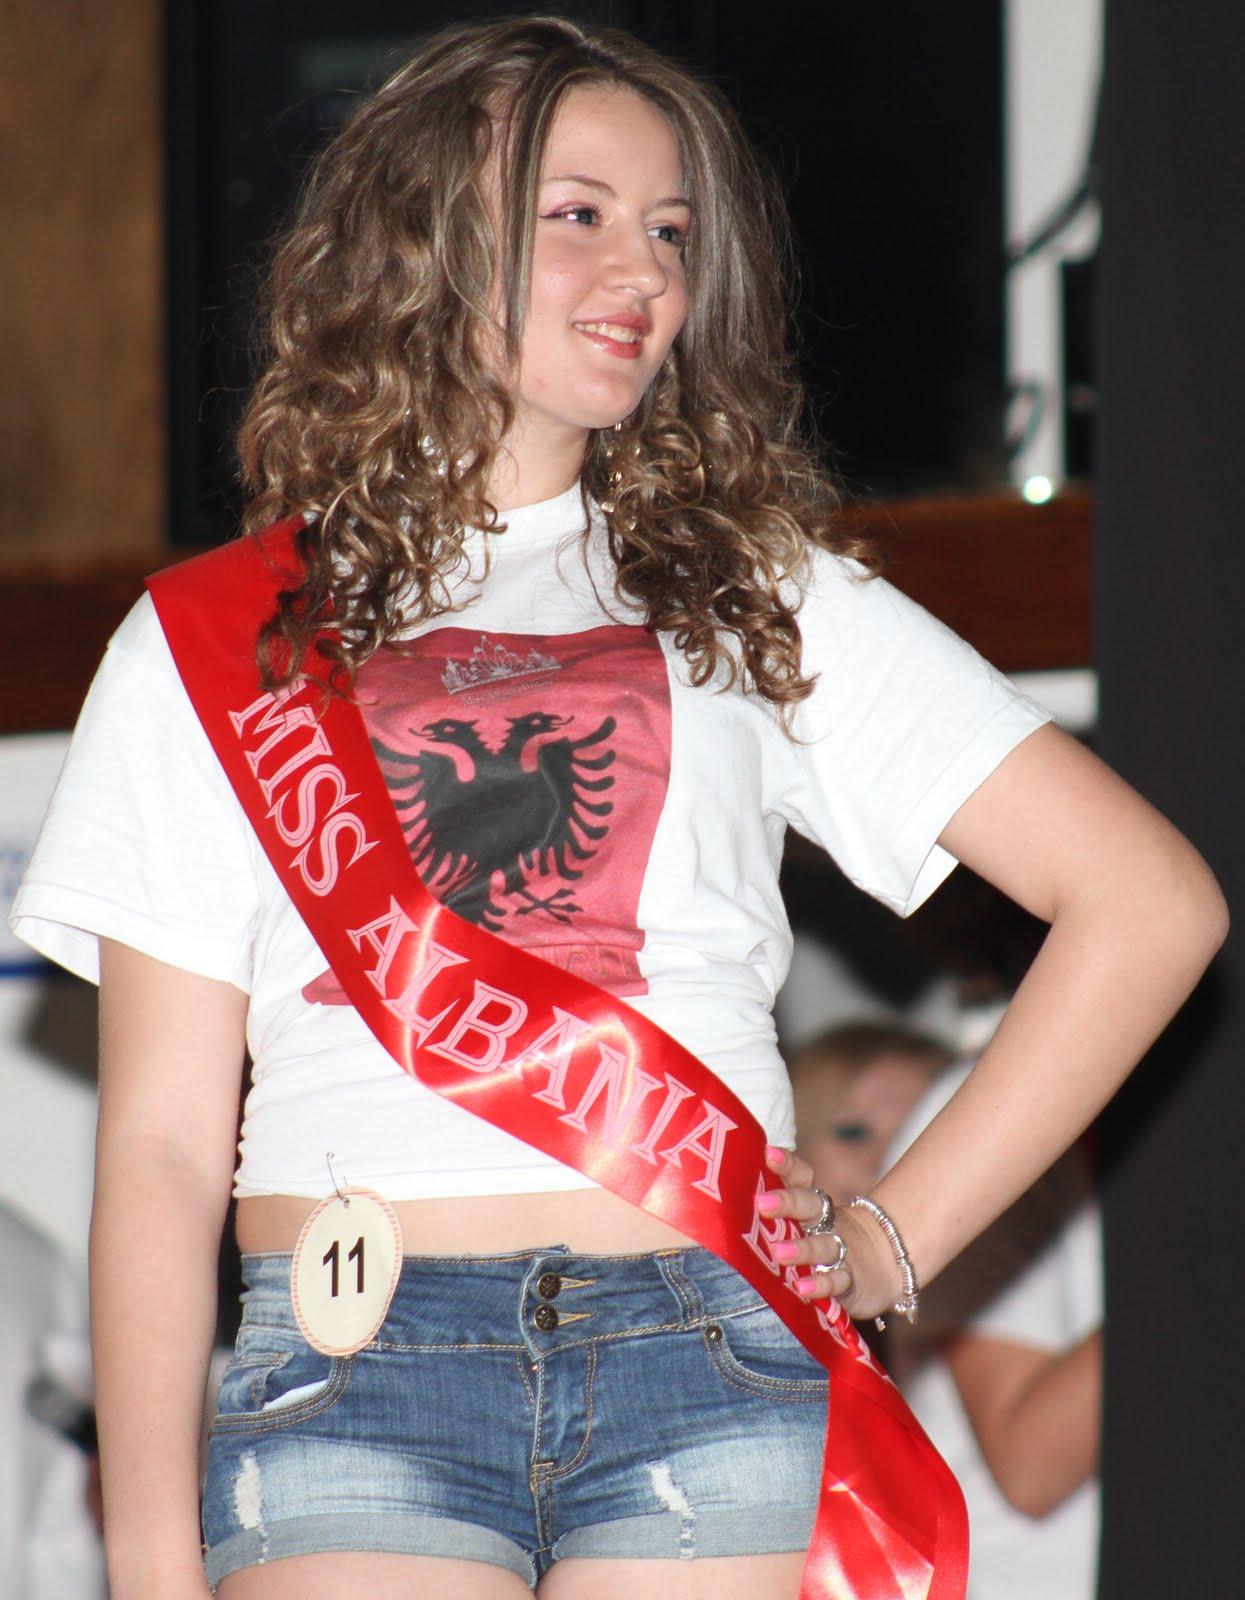 MISS ALBANIA BRITANI – 19 QERSHOR 2011